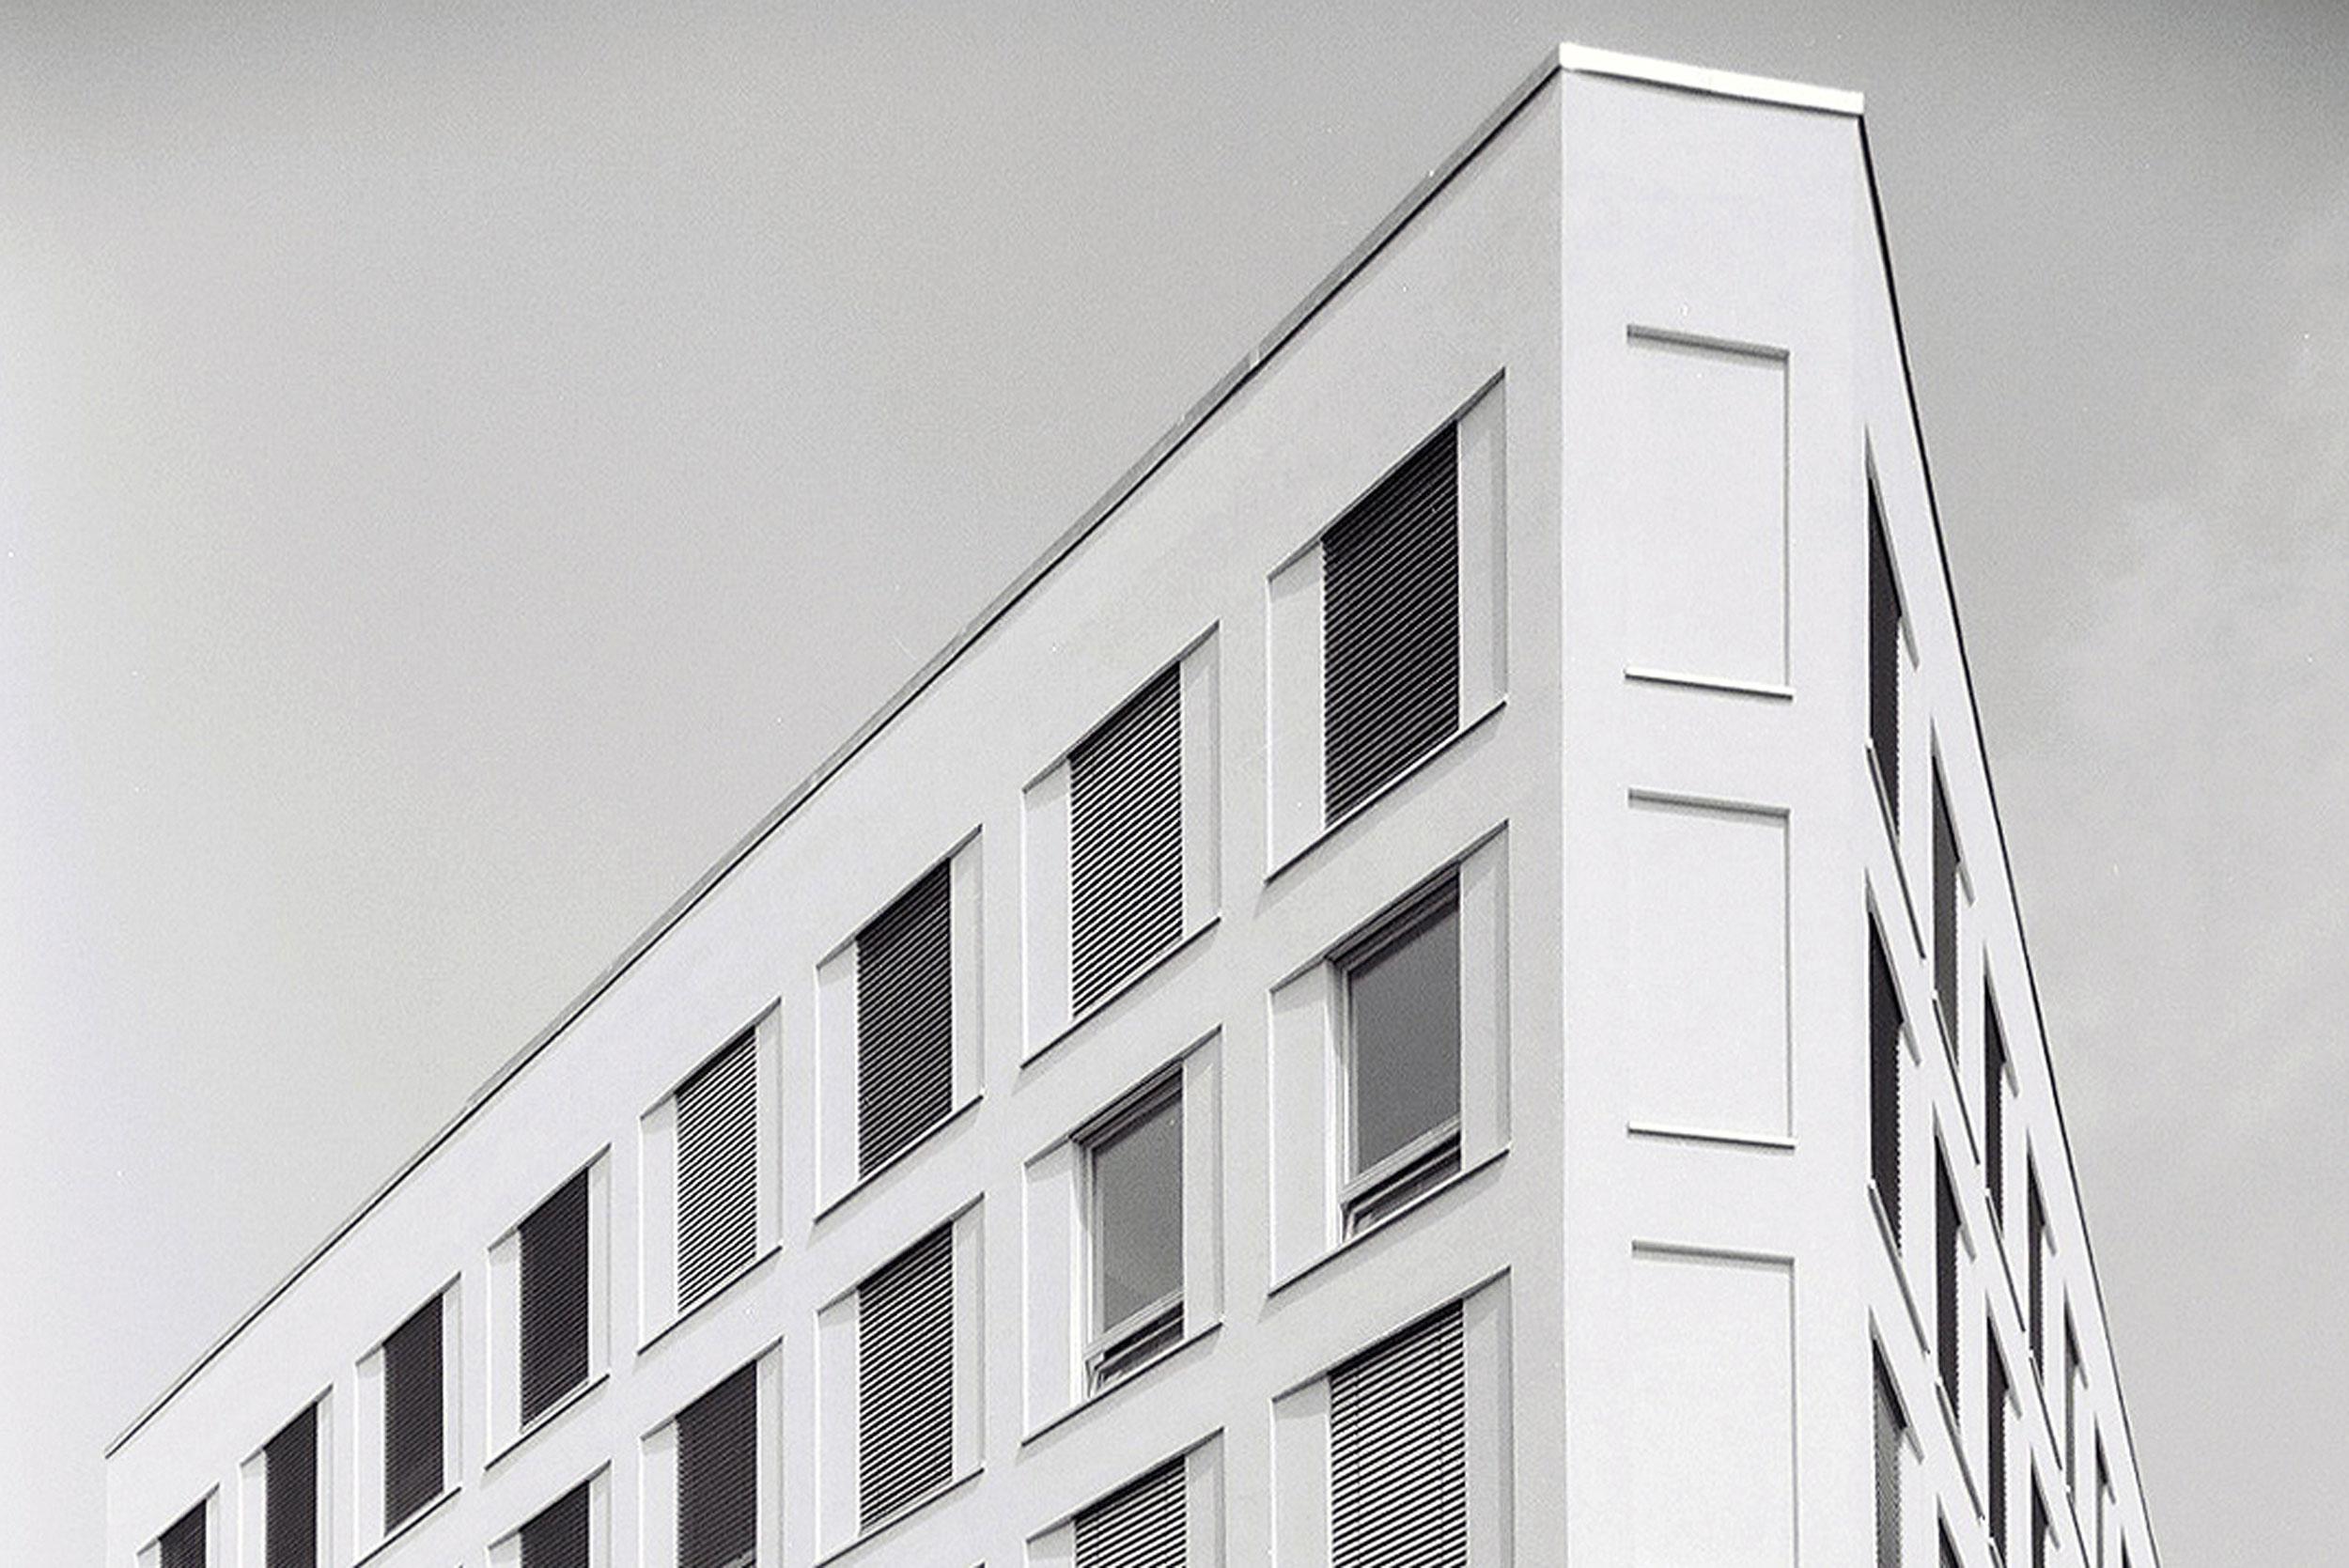 Die Lage des Wohn- und Geschäftshauses auf einem Eckgrundstück bezieht Anleihen zum Flatiron Building.